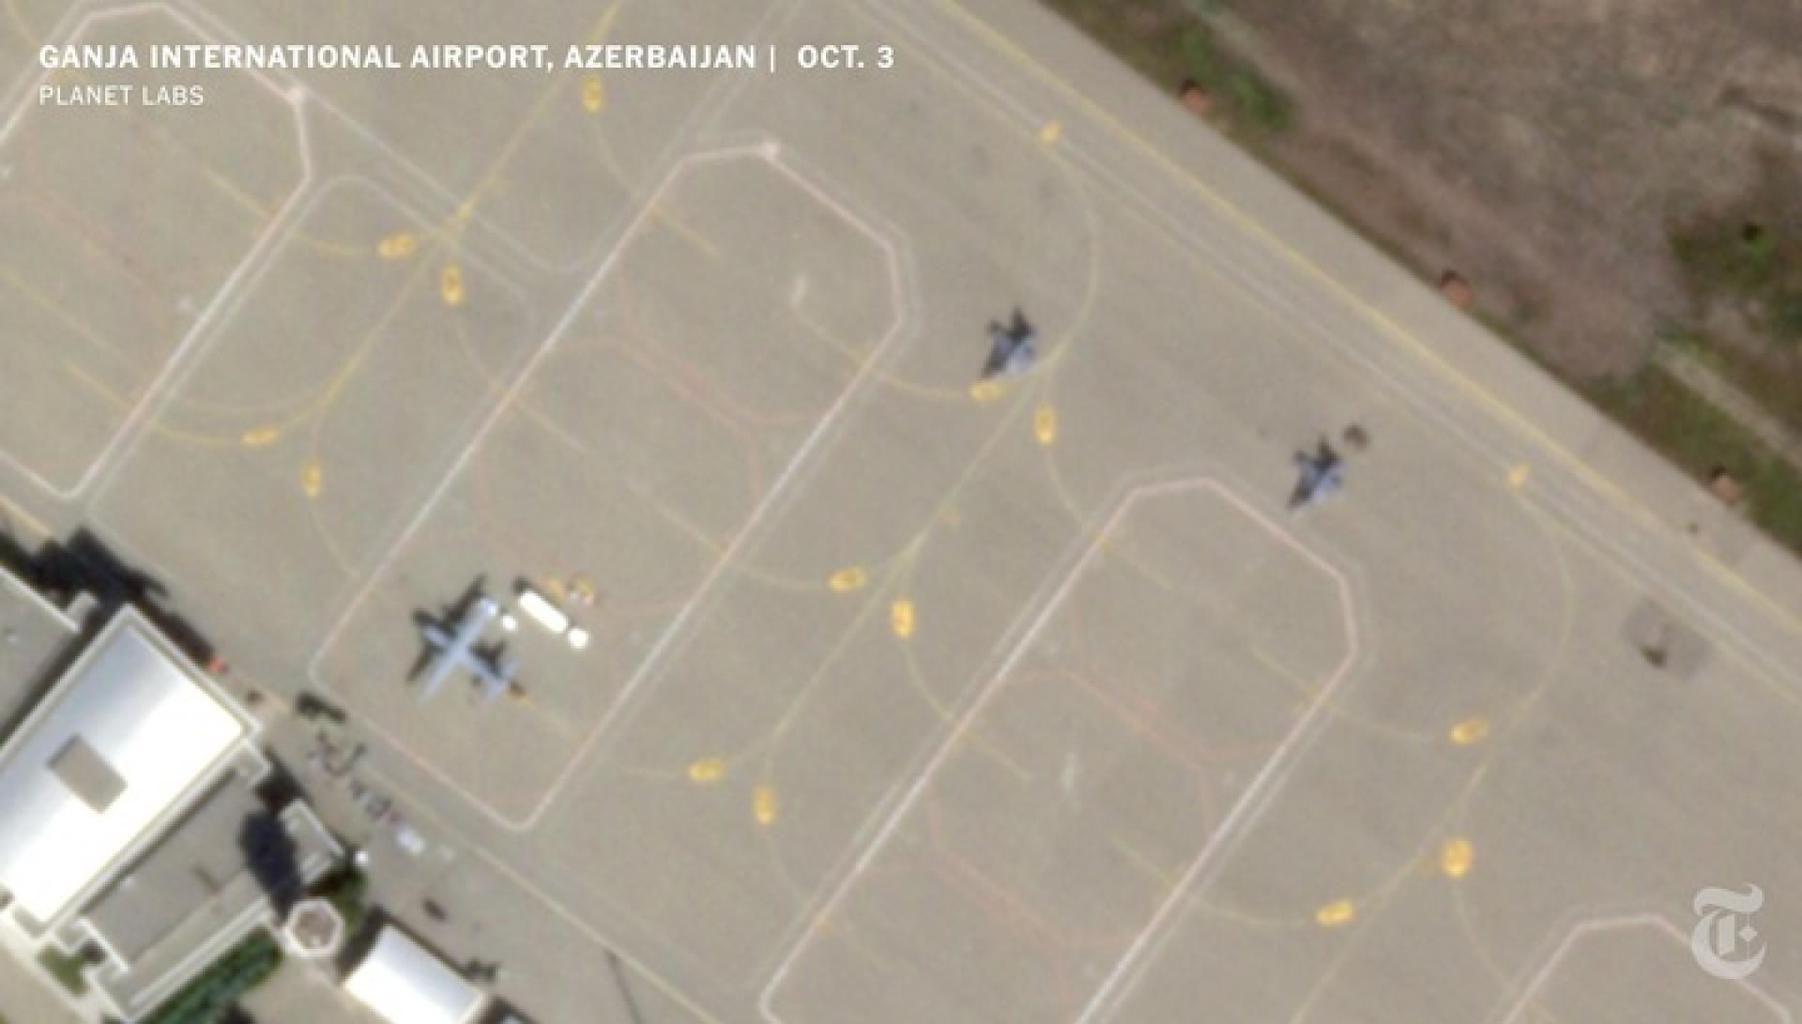 Állítólagos török F-16 vadászgépek és a kiszolgálást segítő CN-235 szállító repülőgép az azerbajdzsáni Gandzsa Nemzetközi Repülőtéren a karabahi háború idején #moszkvater